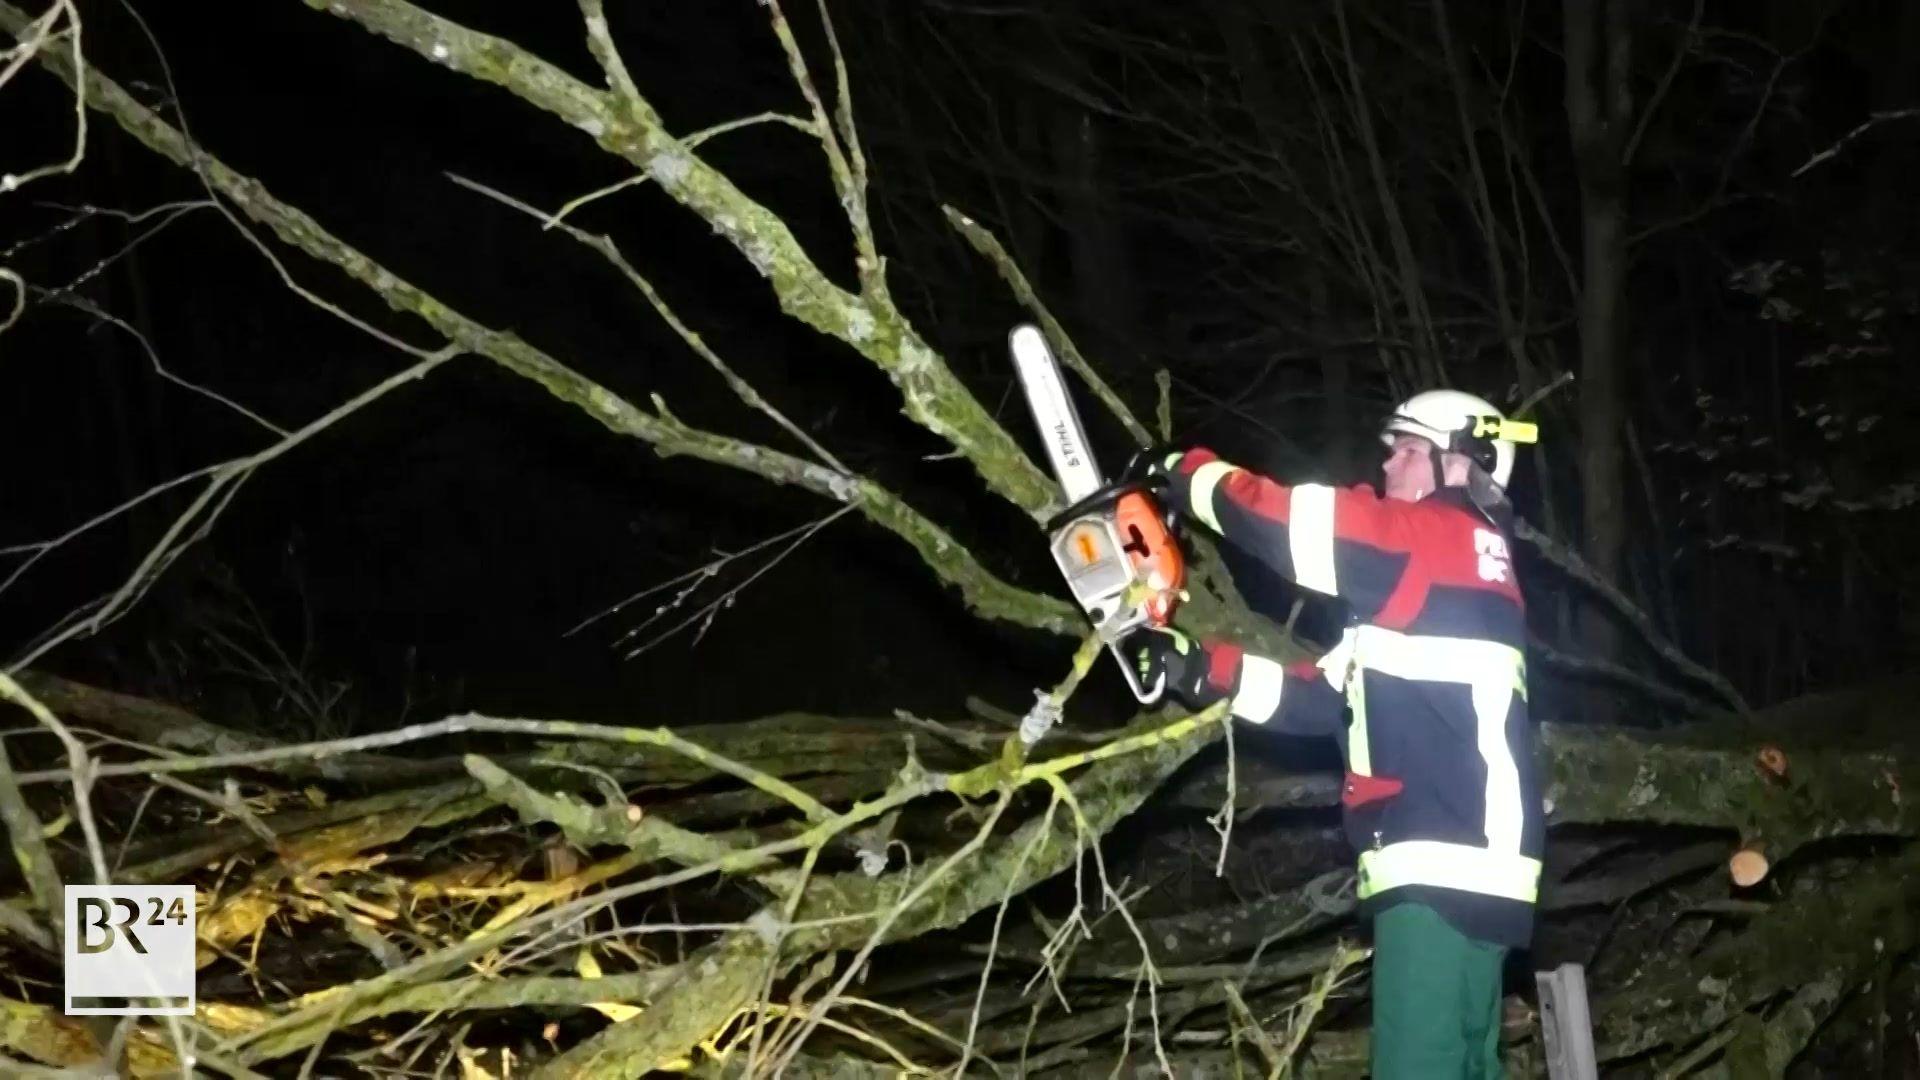 Ein Feuerwehrmann bearbeitet einen umgestürzten Baum mit der Motorsäge.